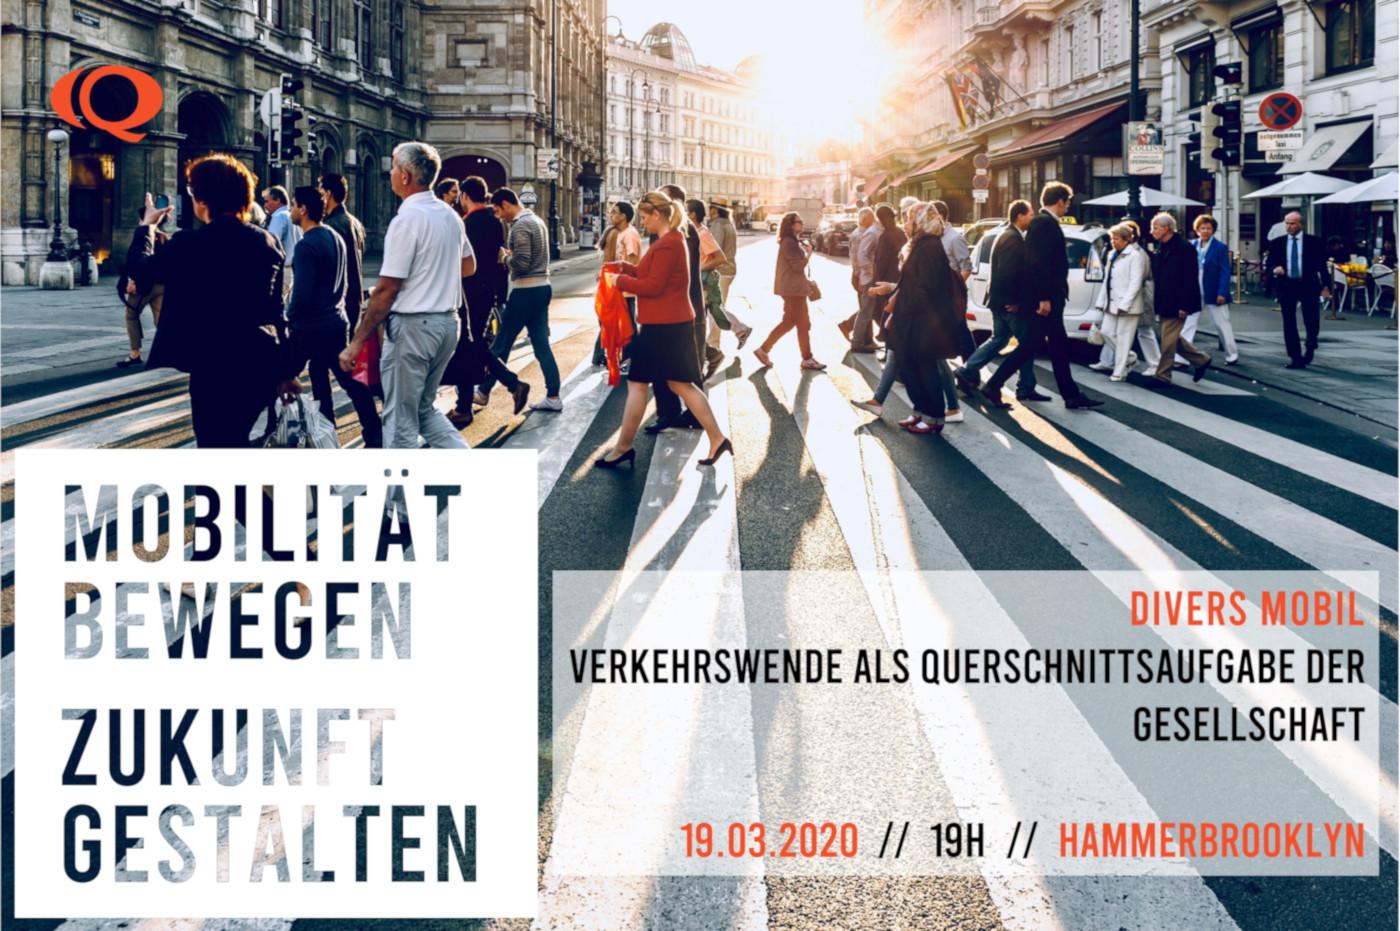 Welche Rolle spielen Unternehmen auf dem Weg zur Mobilitätswende?  20.06.2019 - 19h - betahaus Hamburg